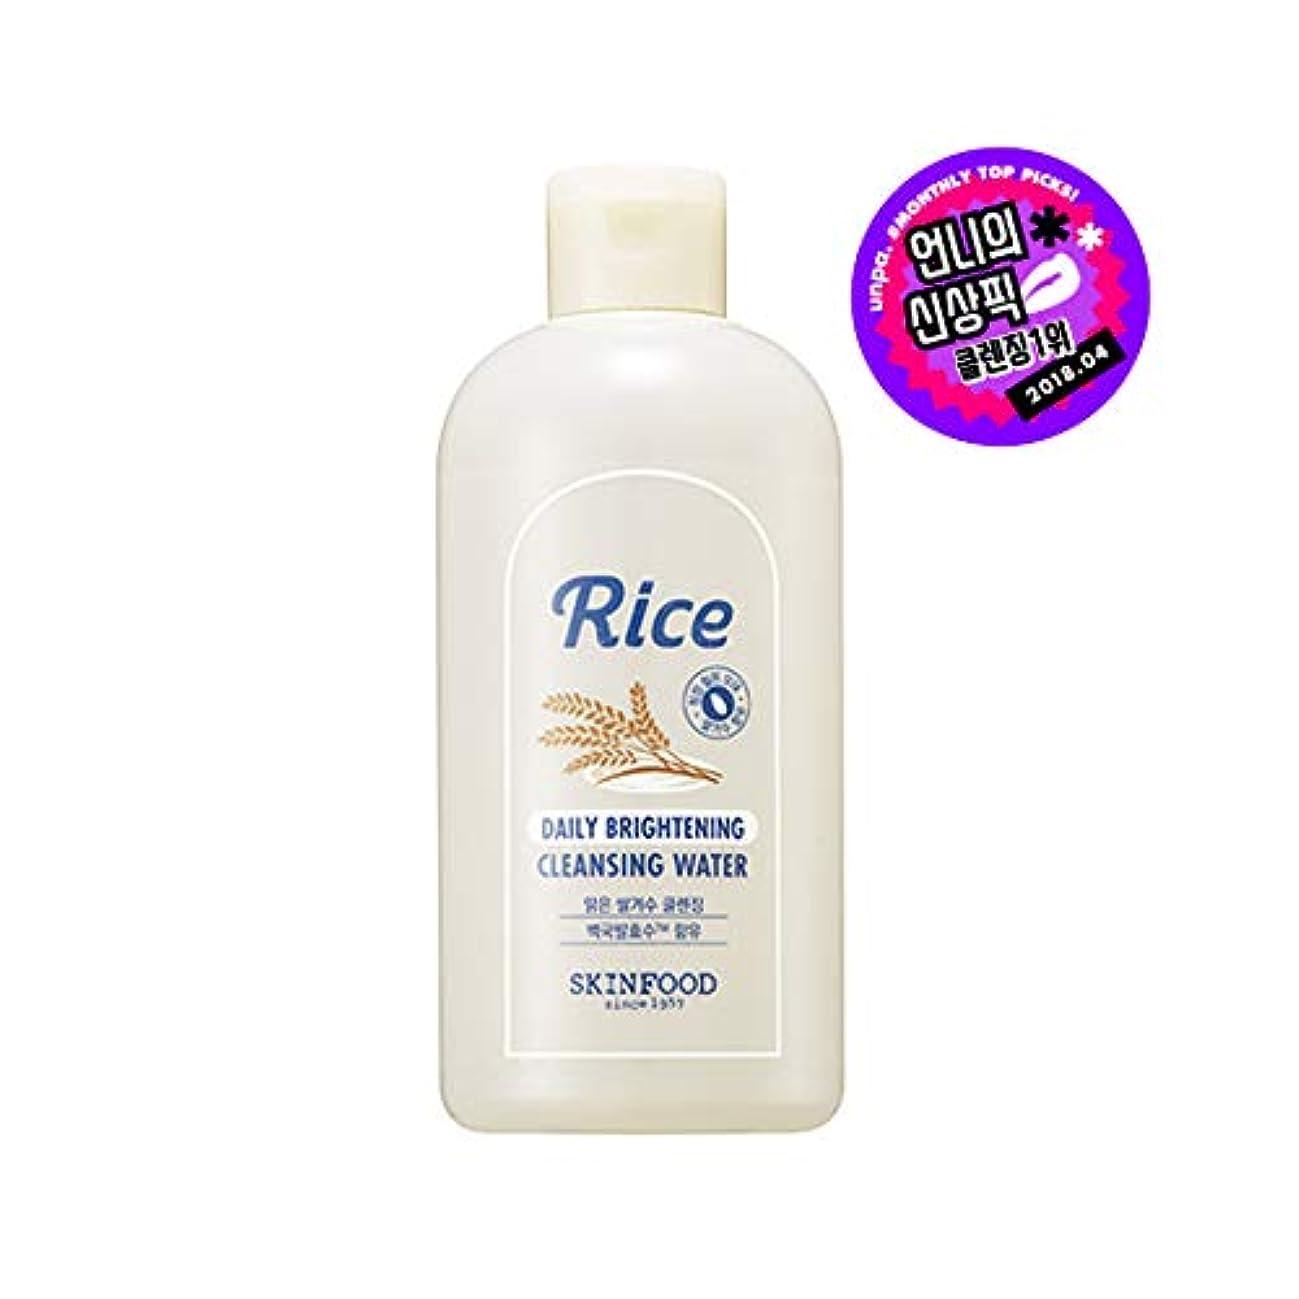 懐疑論ロータリー膜Skinfood/Rice Daily Brightening Mask Cleansing Water/ライスデイリーブライトニングマスククレンジングウォーター/300ml [並行輸入品]